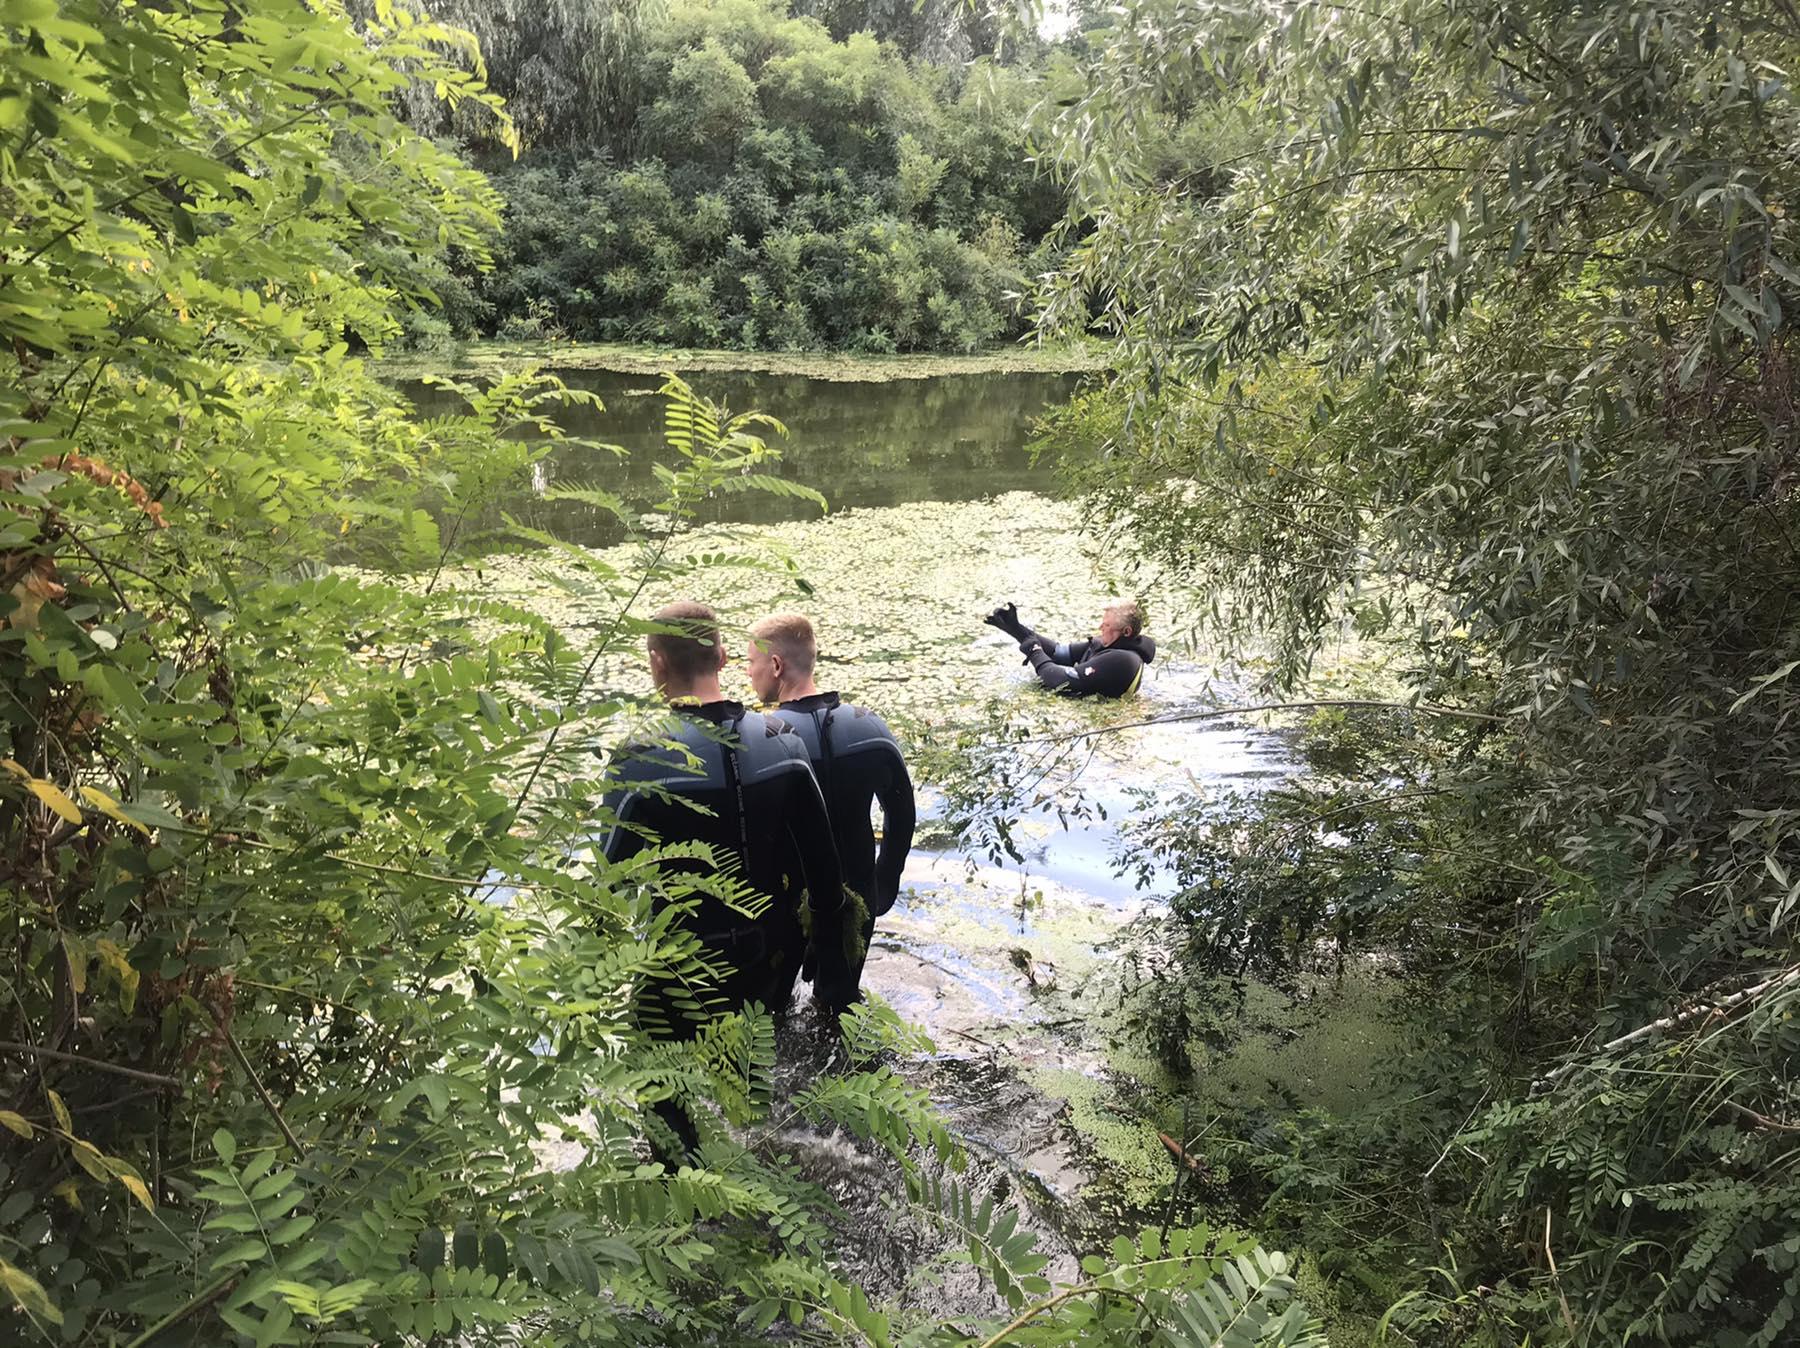 На Бориспільщині потонув 17-річний юнак - рятувальники, потопельник, водойма, Бориспільщина - yzobrazhenye viber 2020 08 27 07 13 191